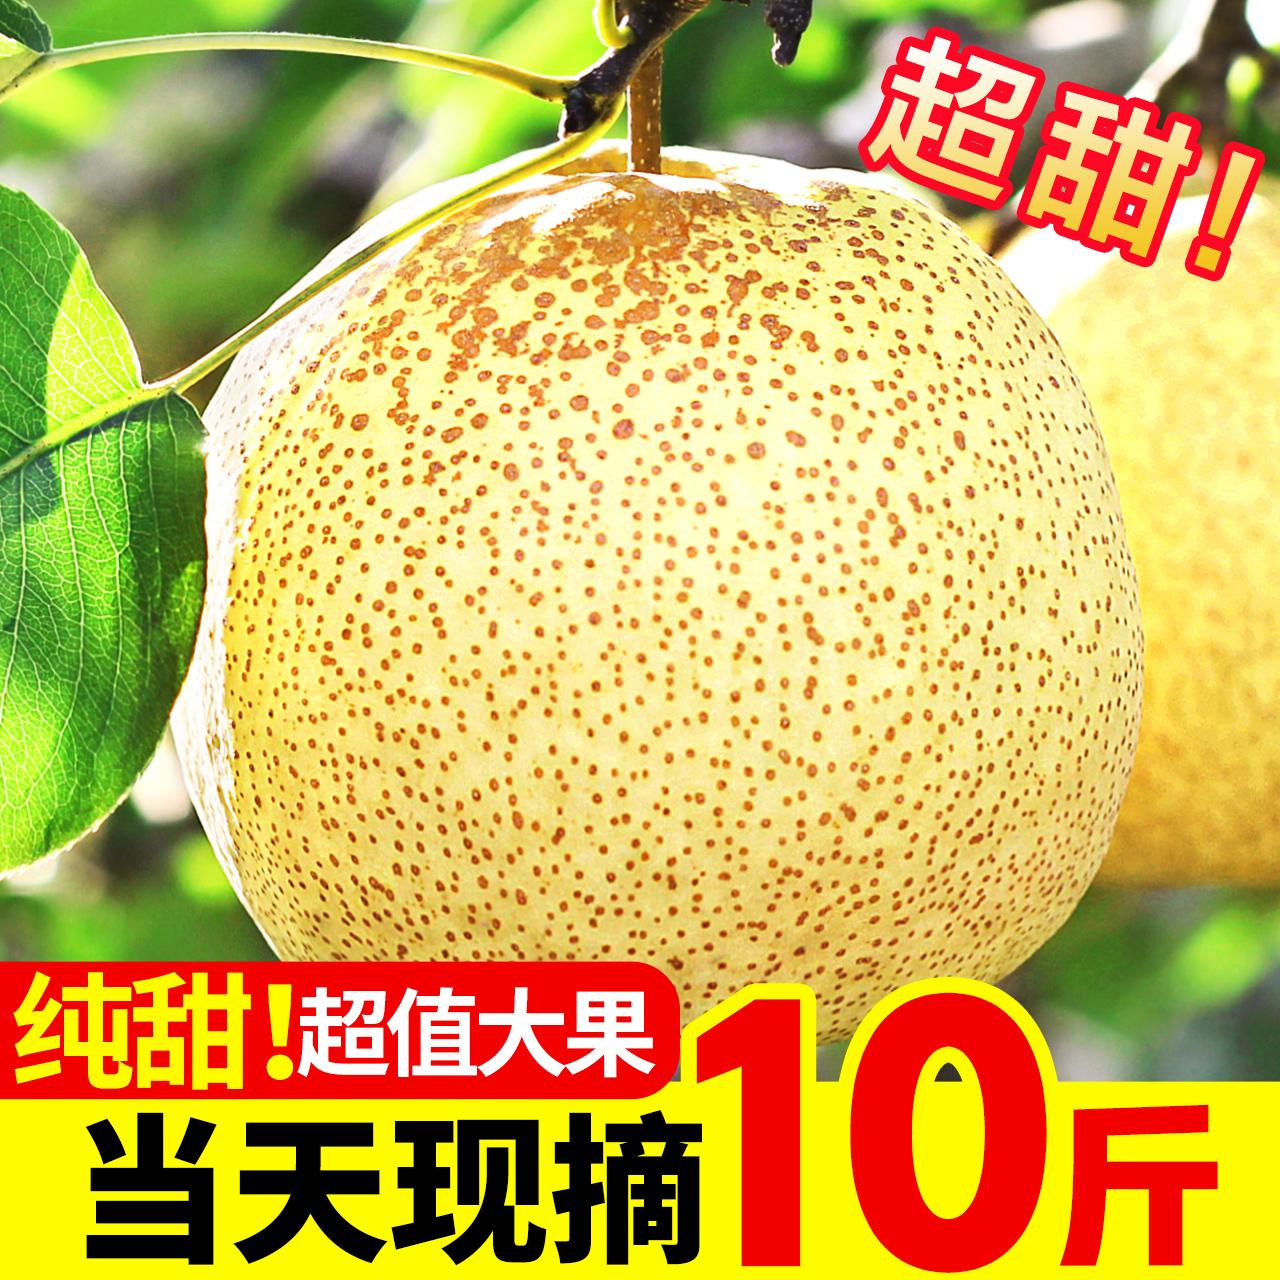 福瑞达 梨子新鲜10斤整箱安徽砀山梨酥梨应季水果当季包邮5图片